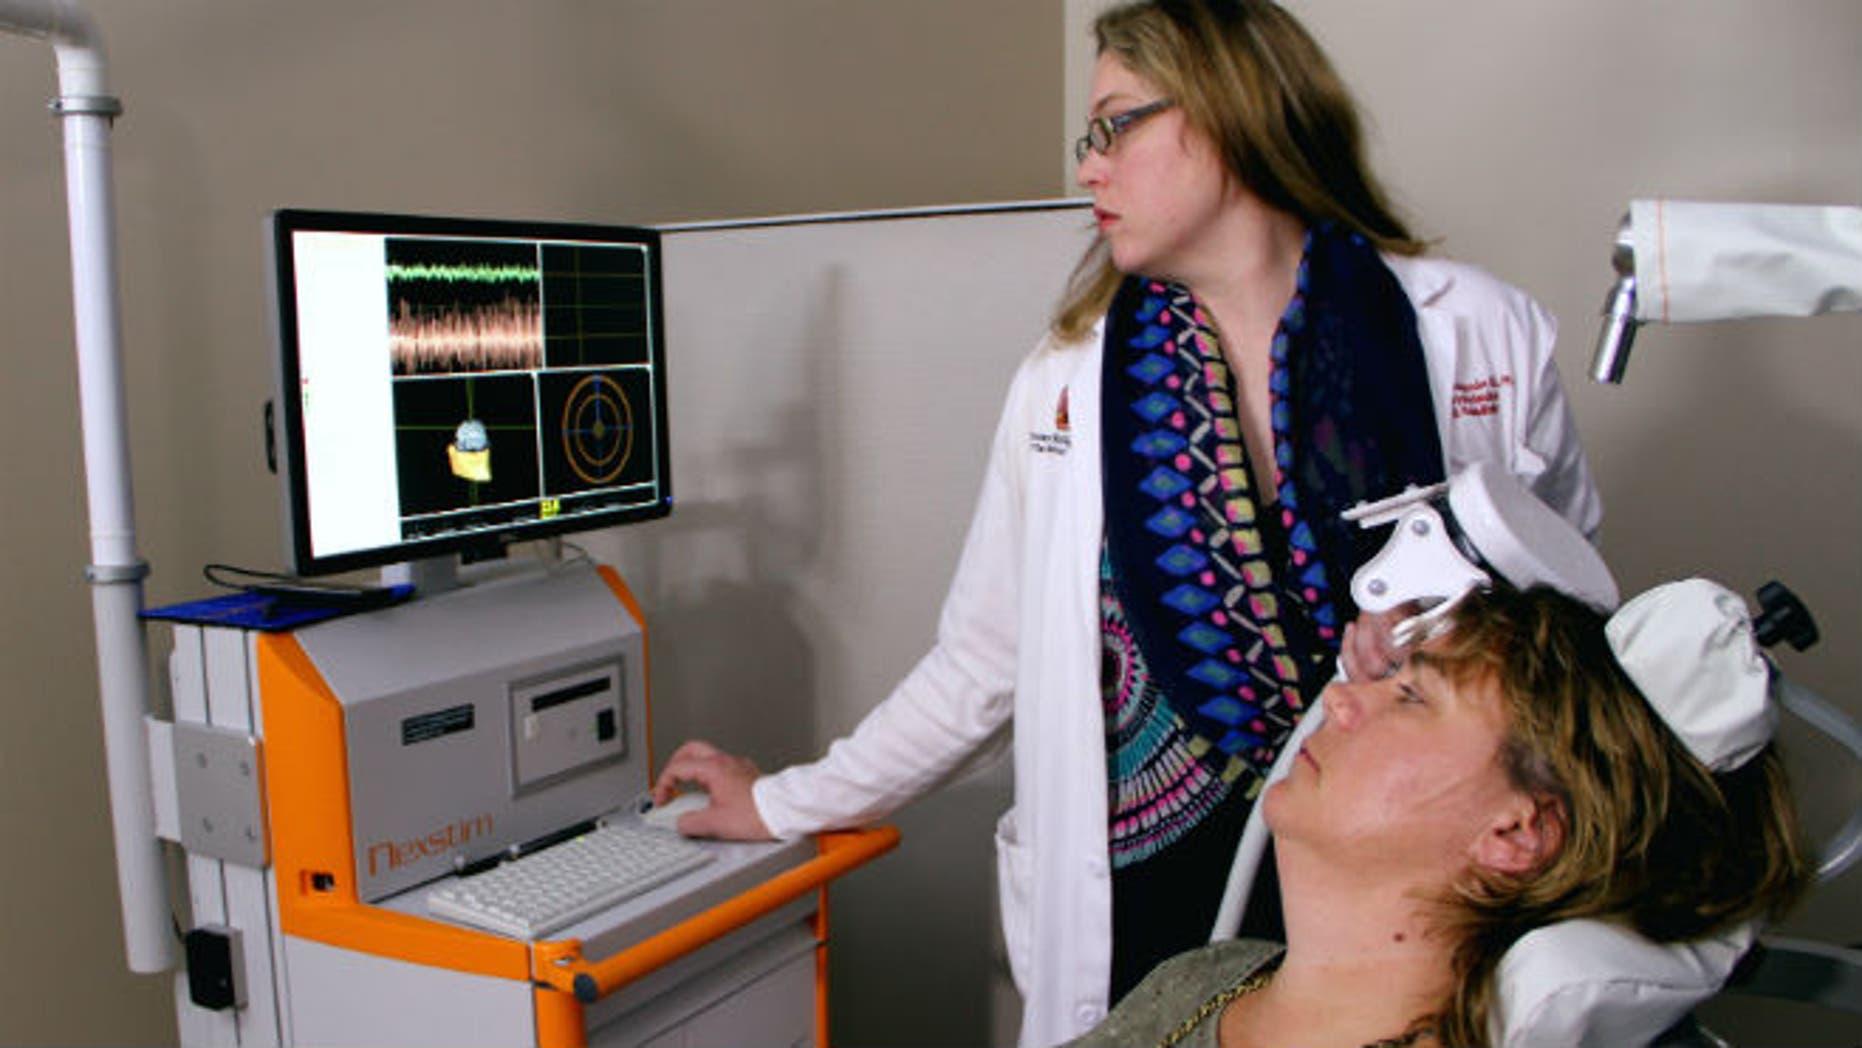 Dr. Marcie Bockbrader adjusts an external brain stimulator on stroke survivor Debbie Hall at The Ohio State University Wexner Medical Center.